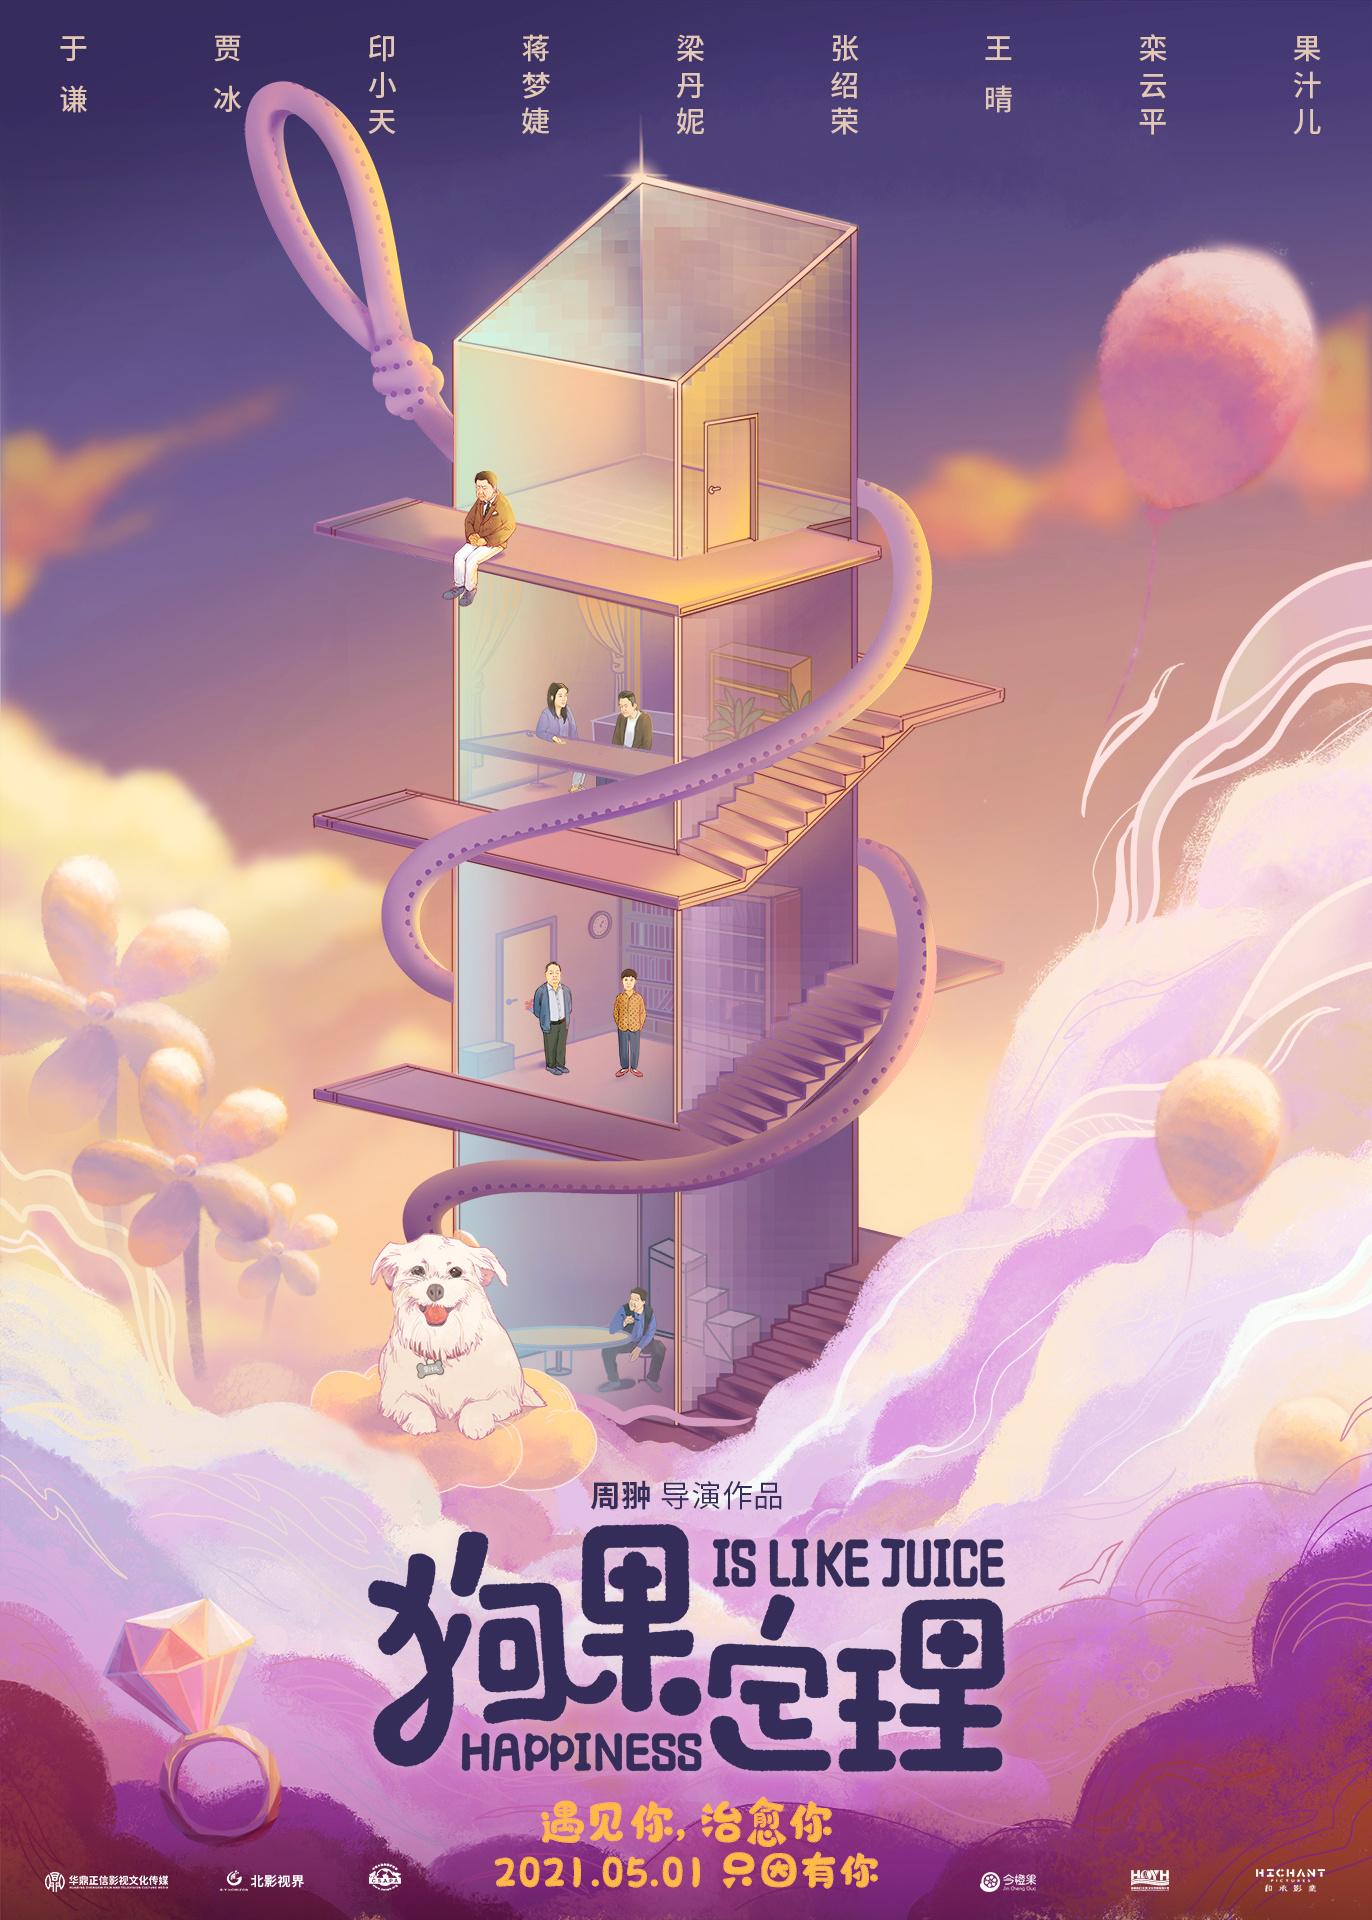 《狗果定理》定档51节, 于谦贾冰搭档萌宠